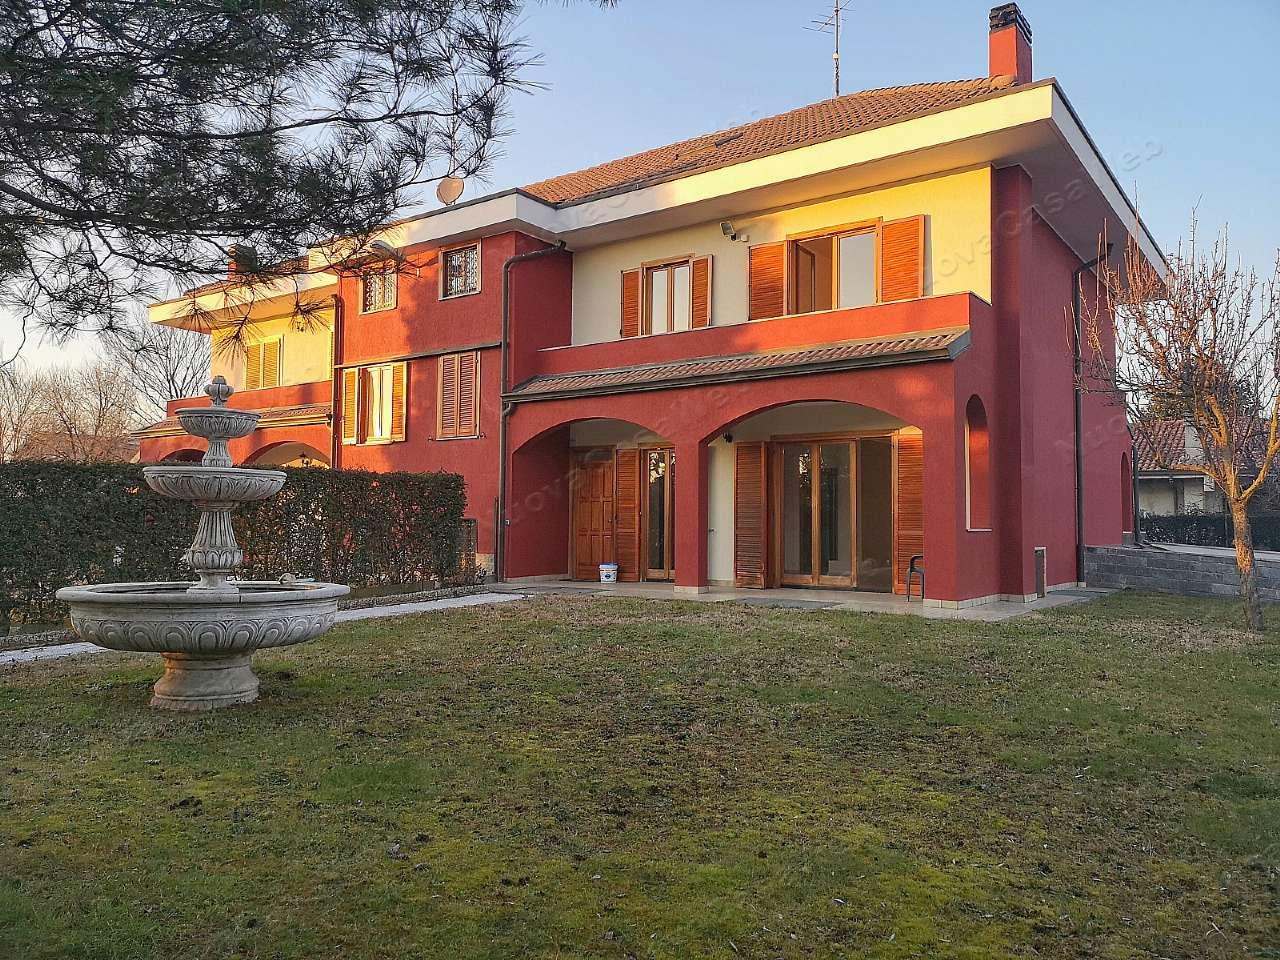 Villa in affitto a Lainate, 5 locali, prezzo € 2.200 | CambioCasa.it